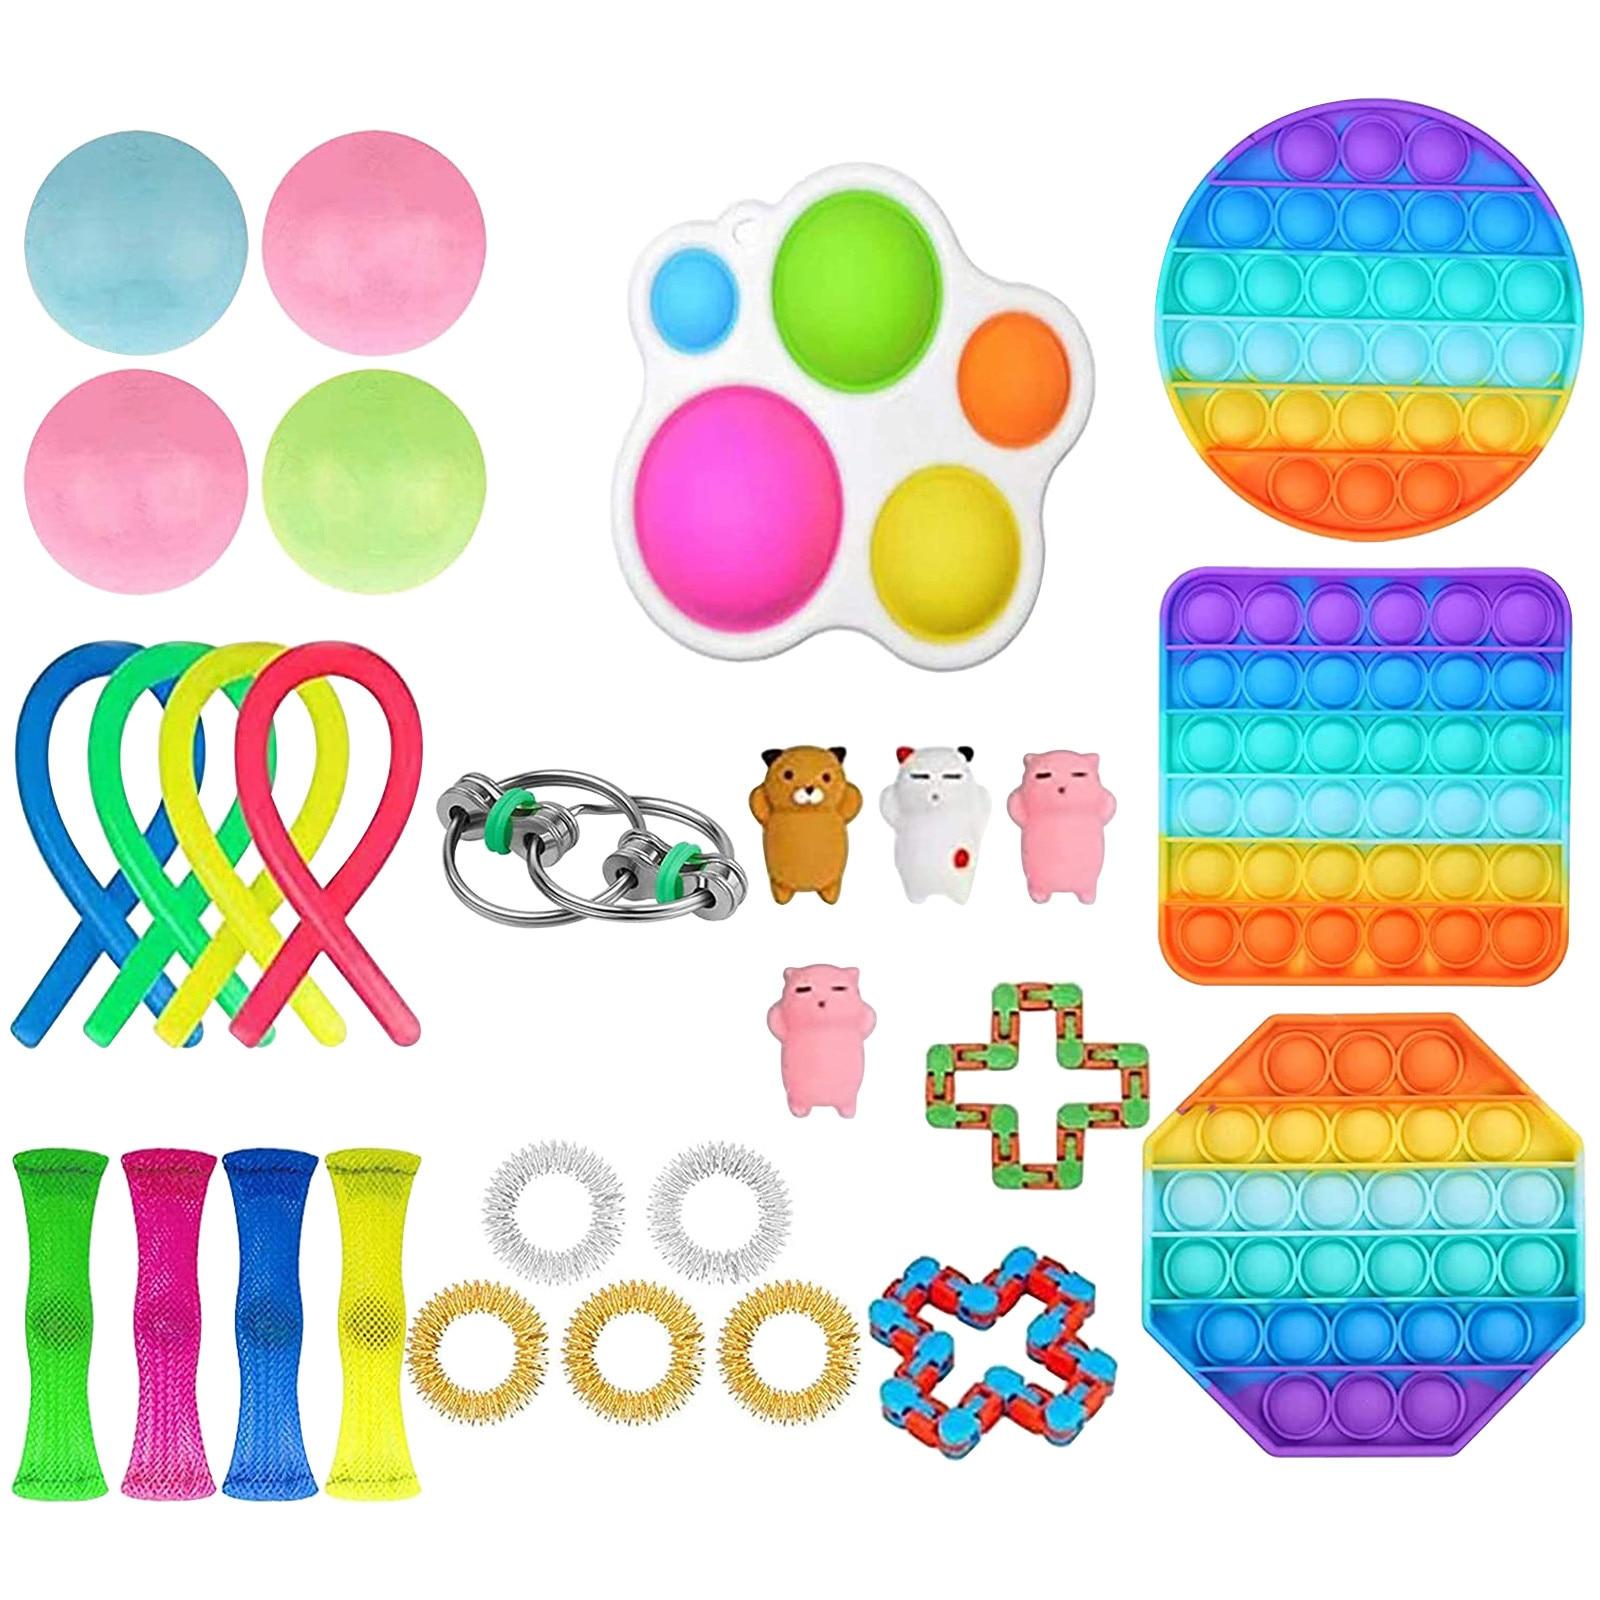 29/25Pcs Fidget Toy Set Cheap Sensory Fidget Toys Pack for Kids or Adults Decompression